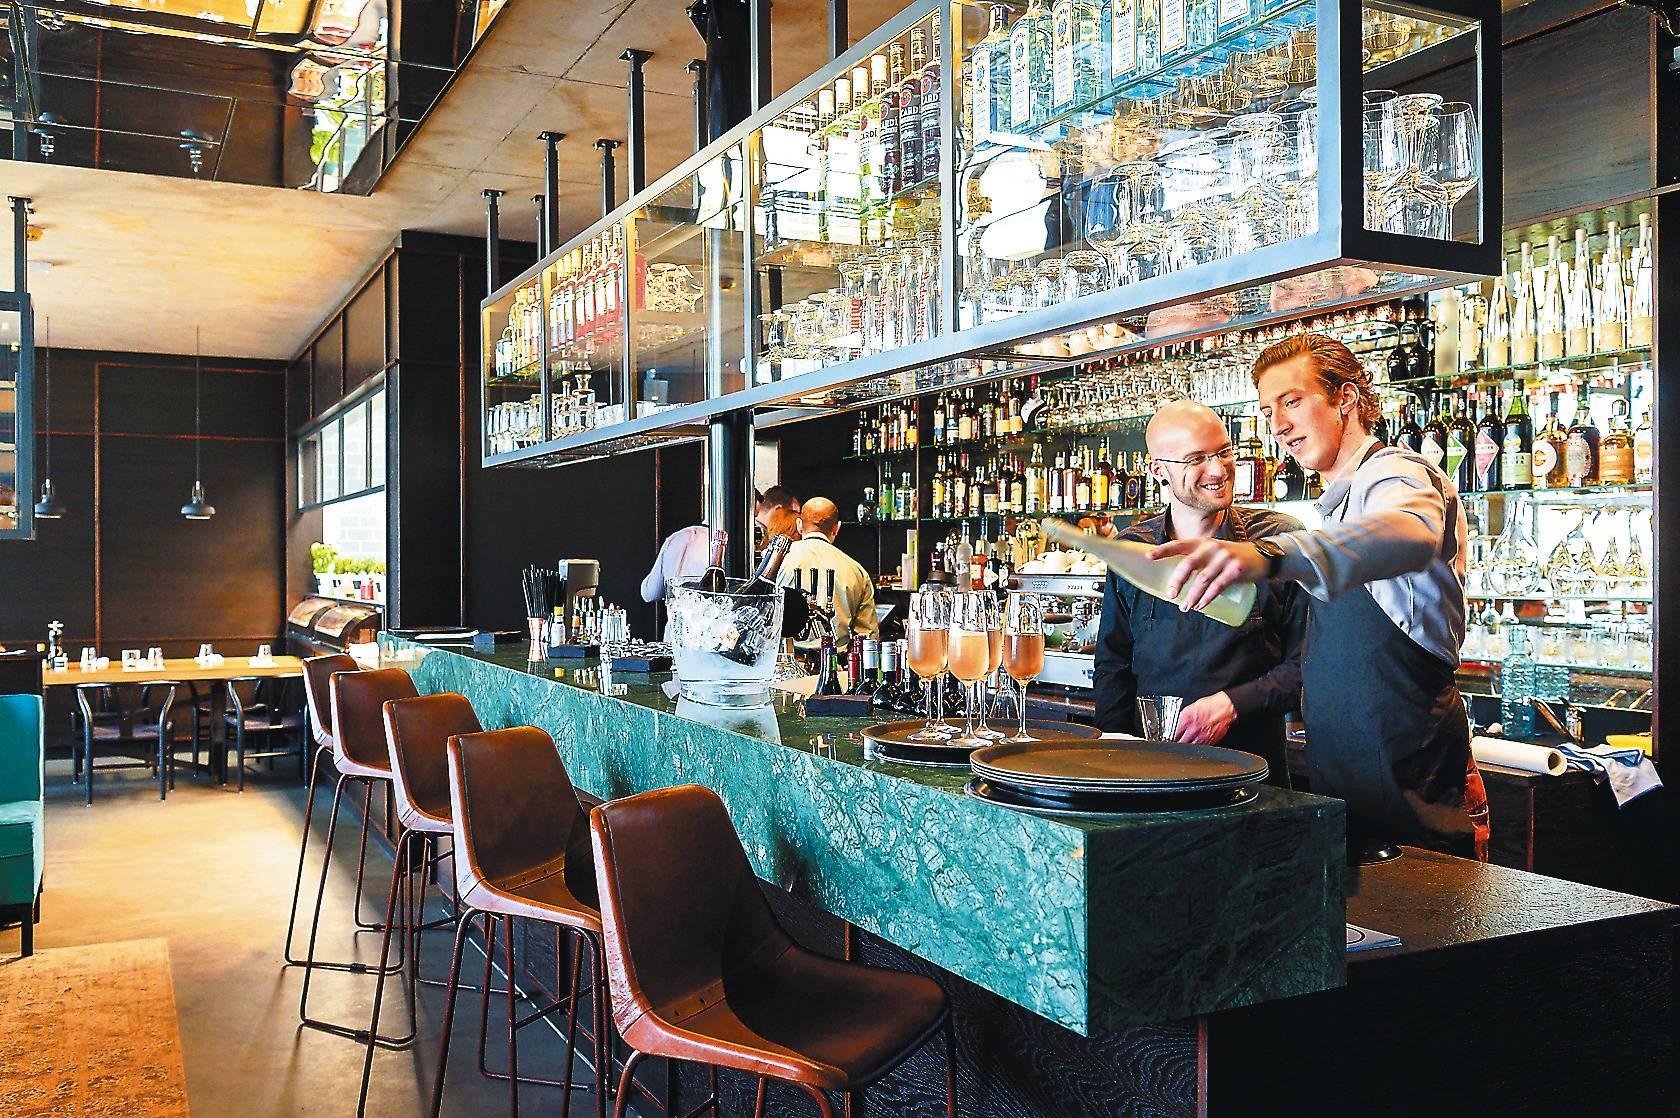 jetzt hat die heidelberger bahnstadt auch ein restaurant nachrichten aus heidelberg rhein. Black Bedroom Furniture Sets. Home Design Ideas